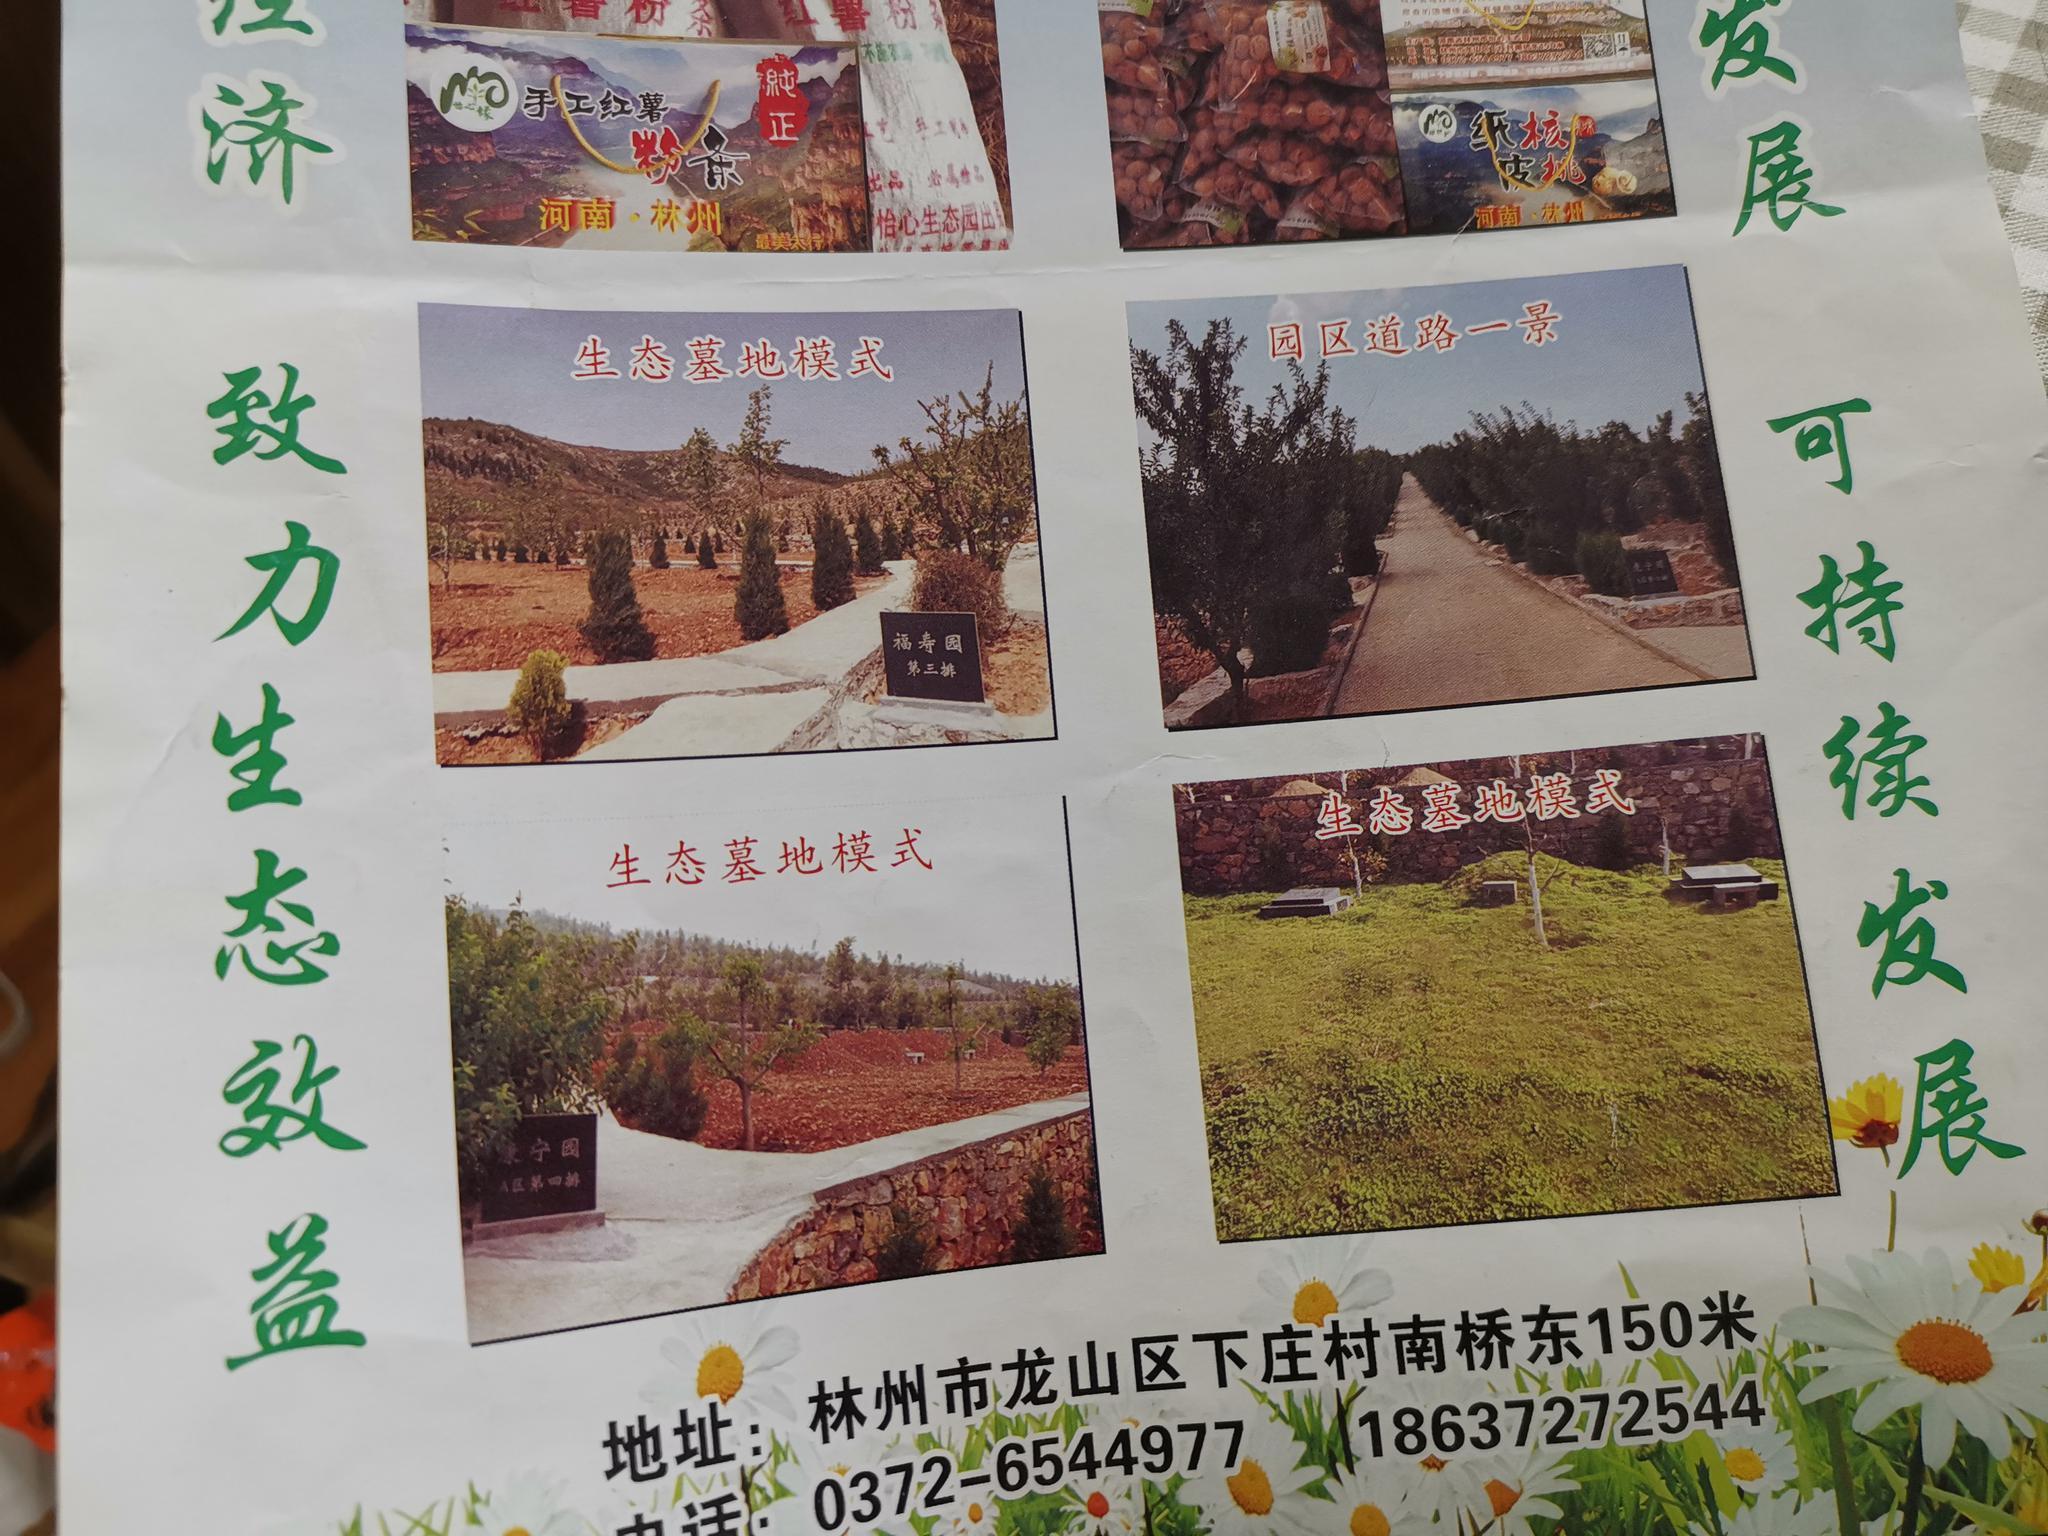 林州市怡心生态园的宣传页显示,园区内售卖公墓。新京报记者⠧苤摄